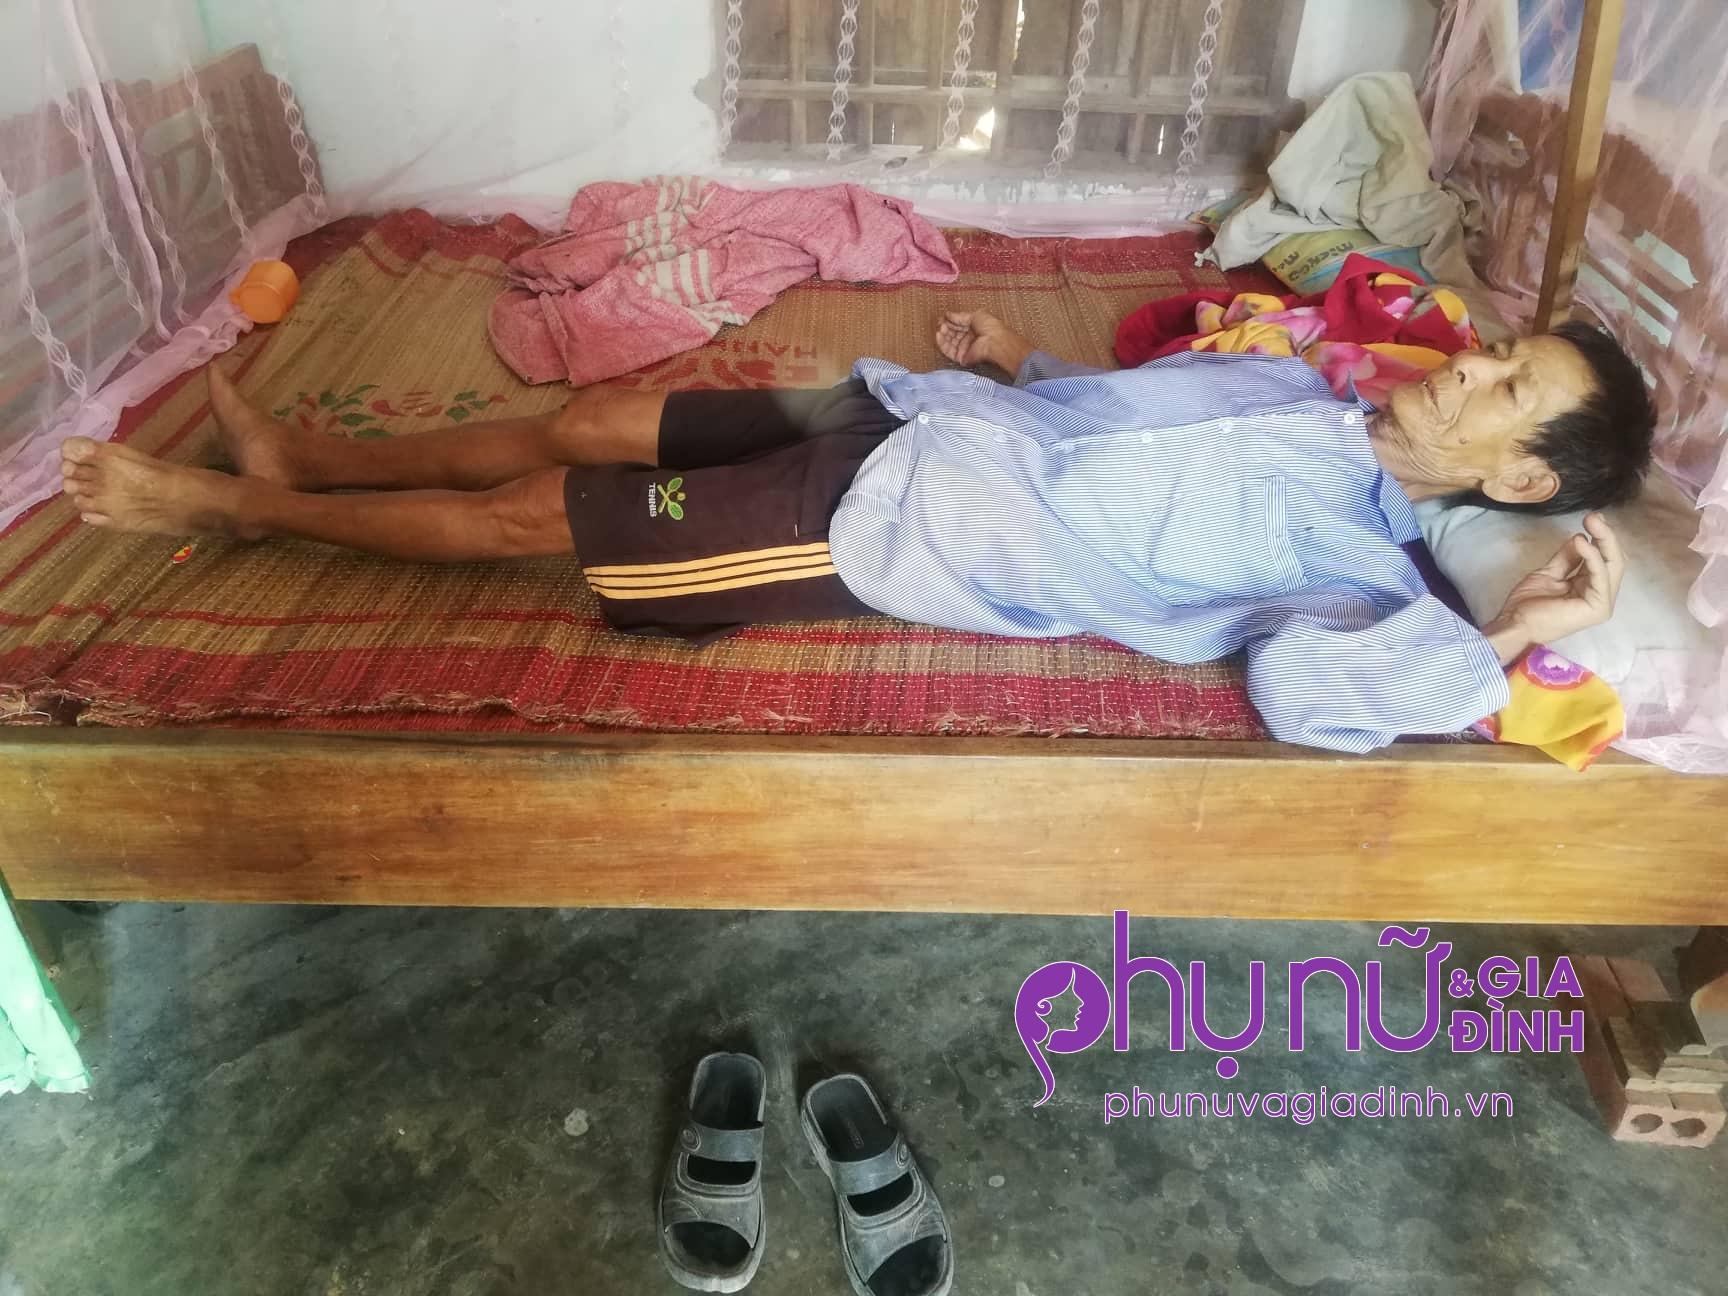 Xót xa: Cụ bà chấp nhận mù lòa để nhường sự sống cho chồng mắc bệnh hiểm nghèo - Ảnh 3